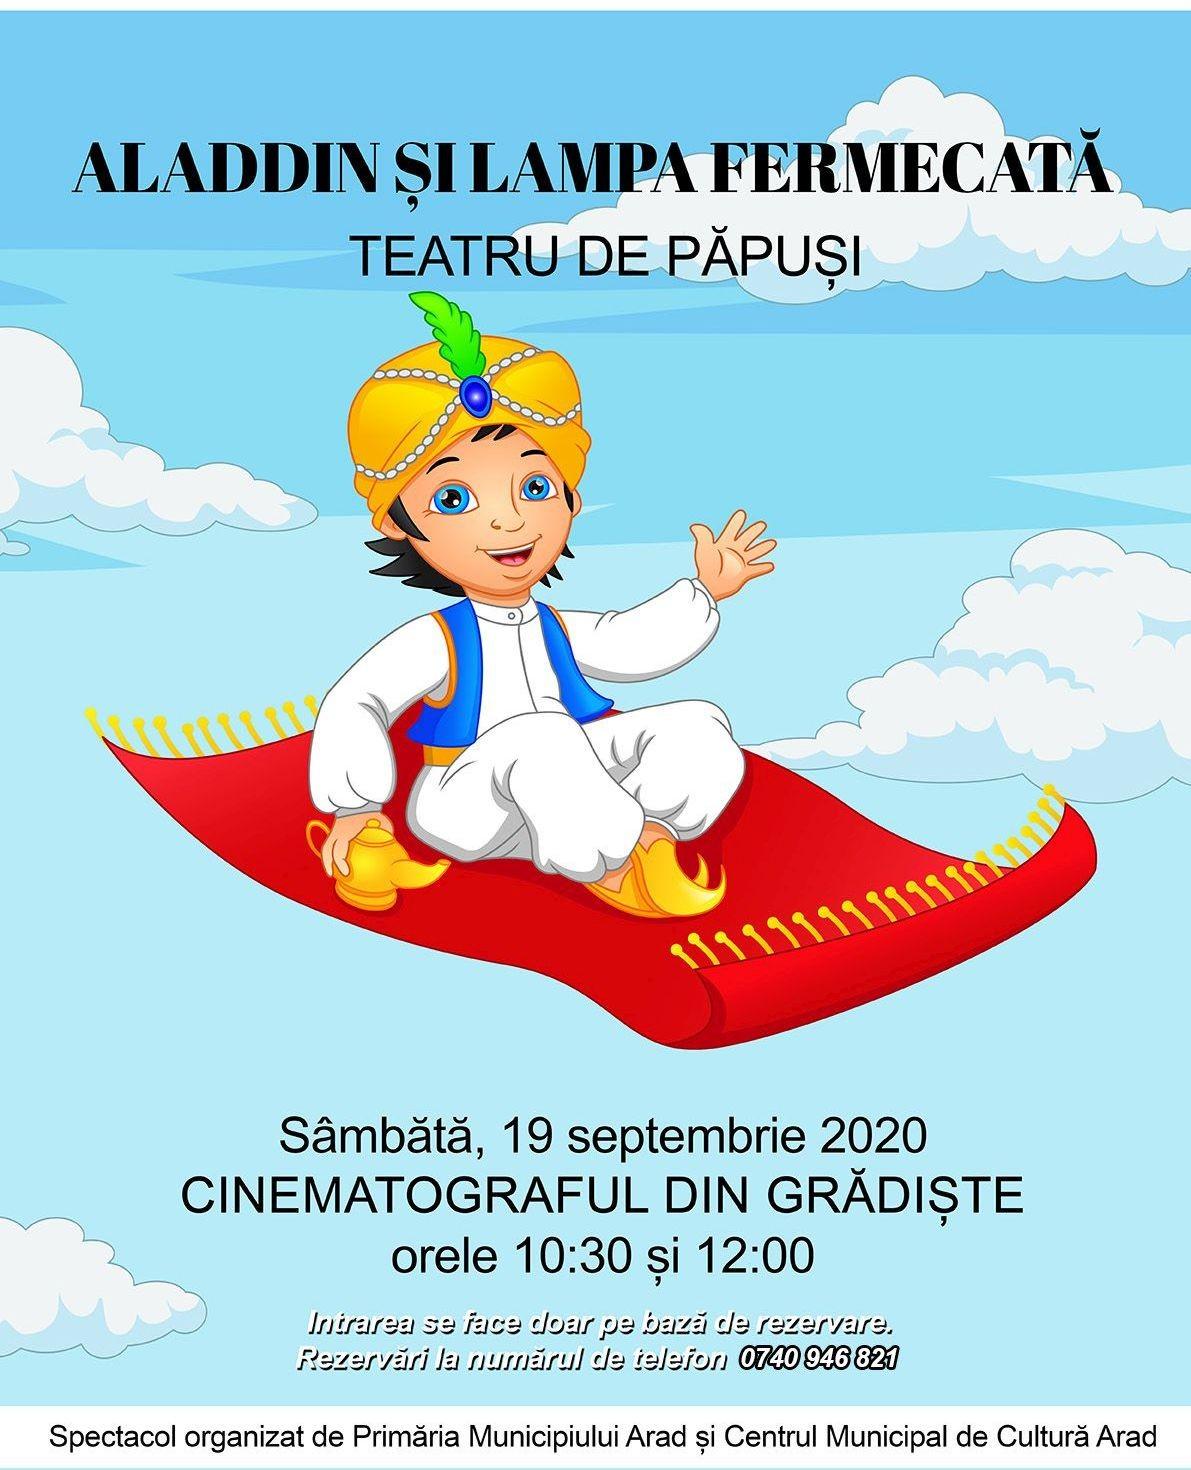 """Piesa de teatru de păpuși """"Aladdin și lampa fermecată"""", în grădina de vară de la cinematograful din Grădiște"""